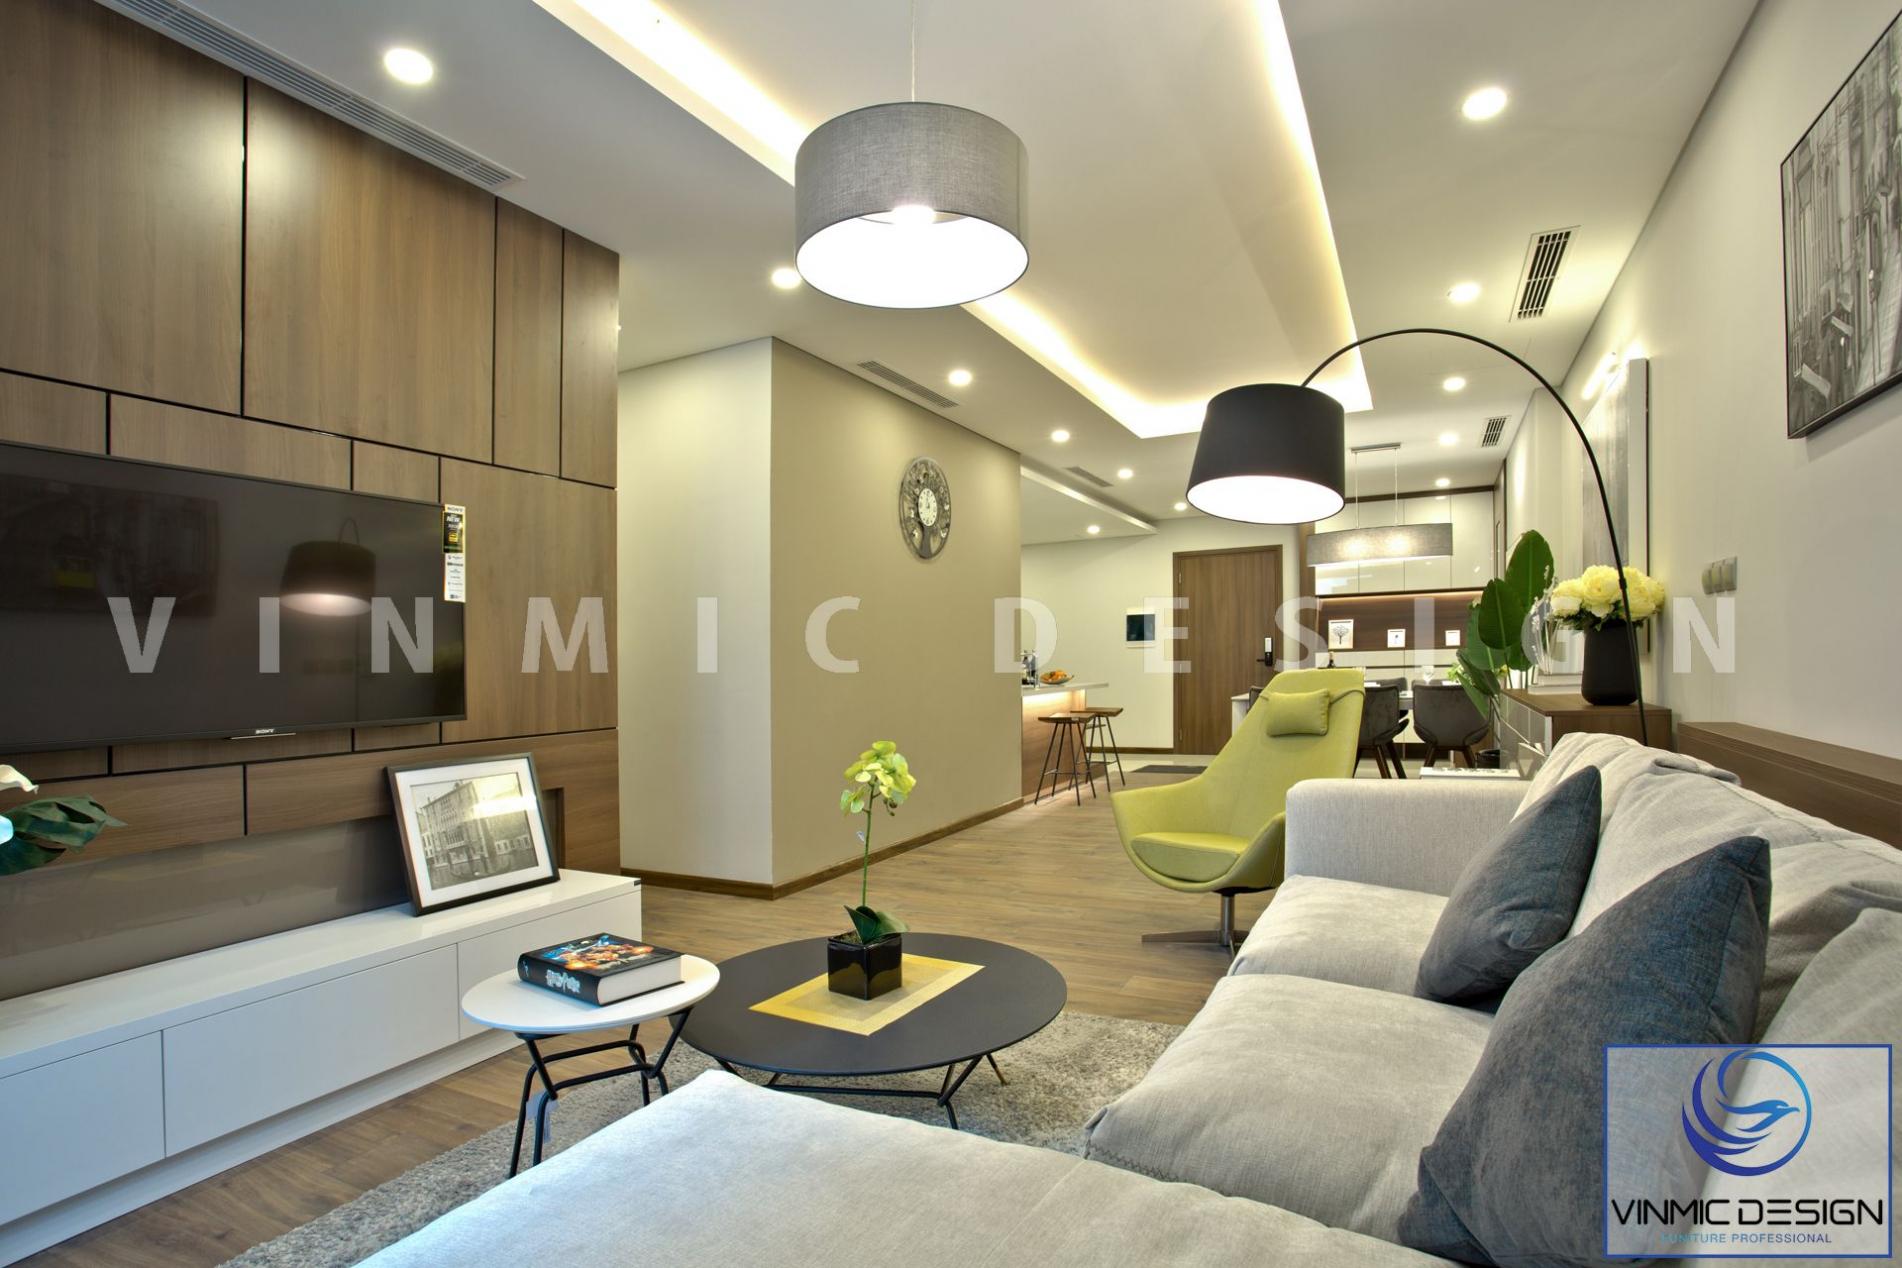 Thi công thực tế kệ tivi đơn giản kết hợp bộ sofa màu kem và bàn trà đôi, tạo cảm giác thư giãn, êm ái và nhẹ nhàng cho phòng khách tại căn hộ Ngoại Giao Đoàn